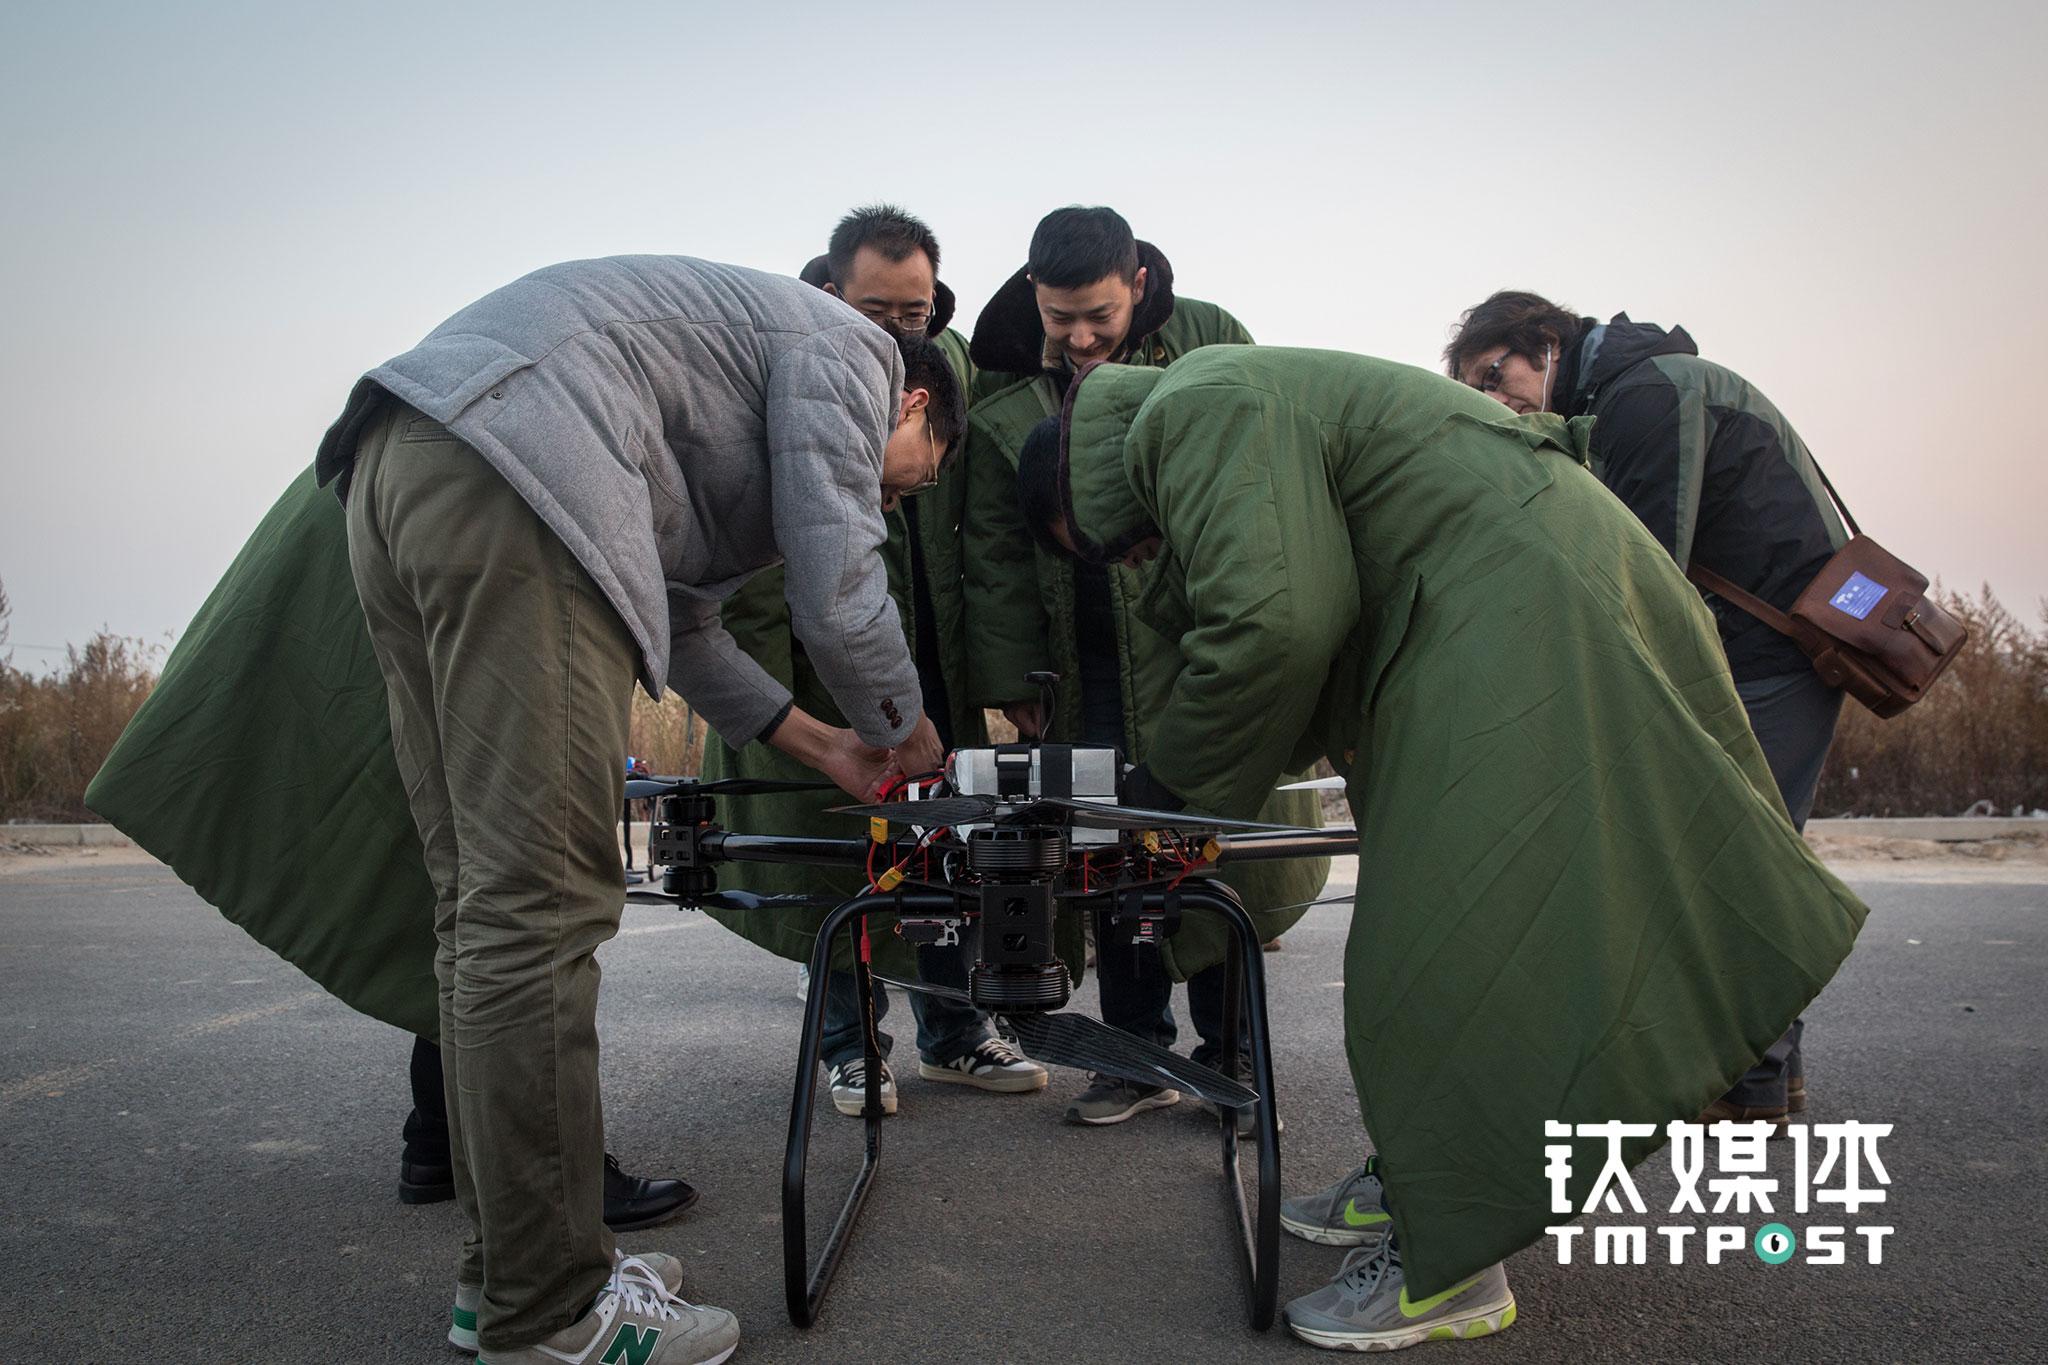 """2016年11月1日,京东无人机外场试飞前,团队成员对飞机进行调试,此次试飞的机型将在今年""""双十一""""投入运营。今年6·18,京东在江苏宿迁试运营了无人机送货,那是京东无人机首次亮相。""""今年双十一,我们在大概4个省的农村同时试运营,每个省有10条左右的航线"""",该团队一名工程师介绍。"""